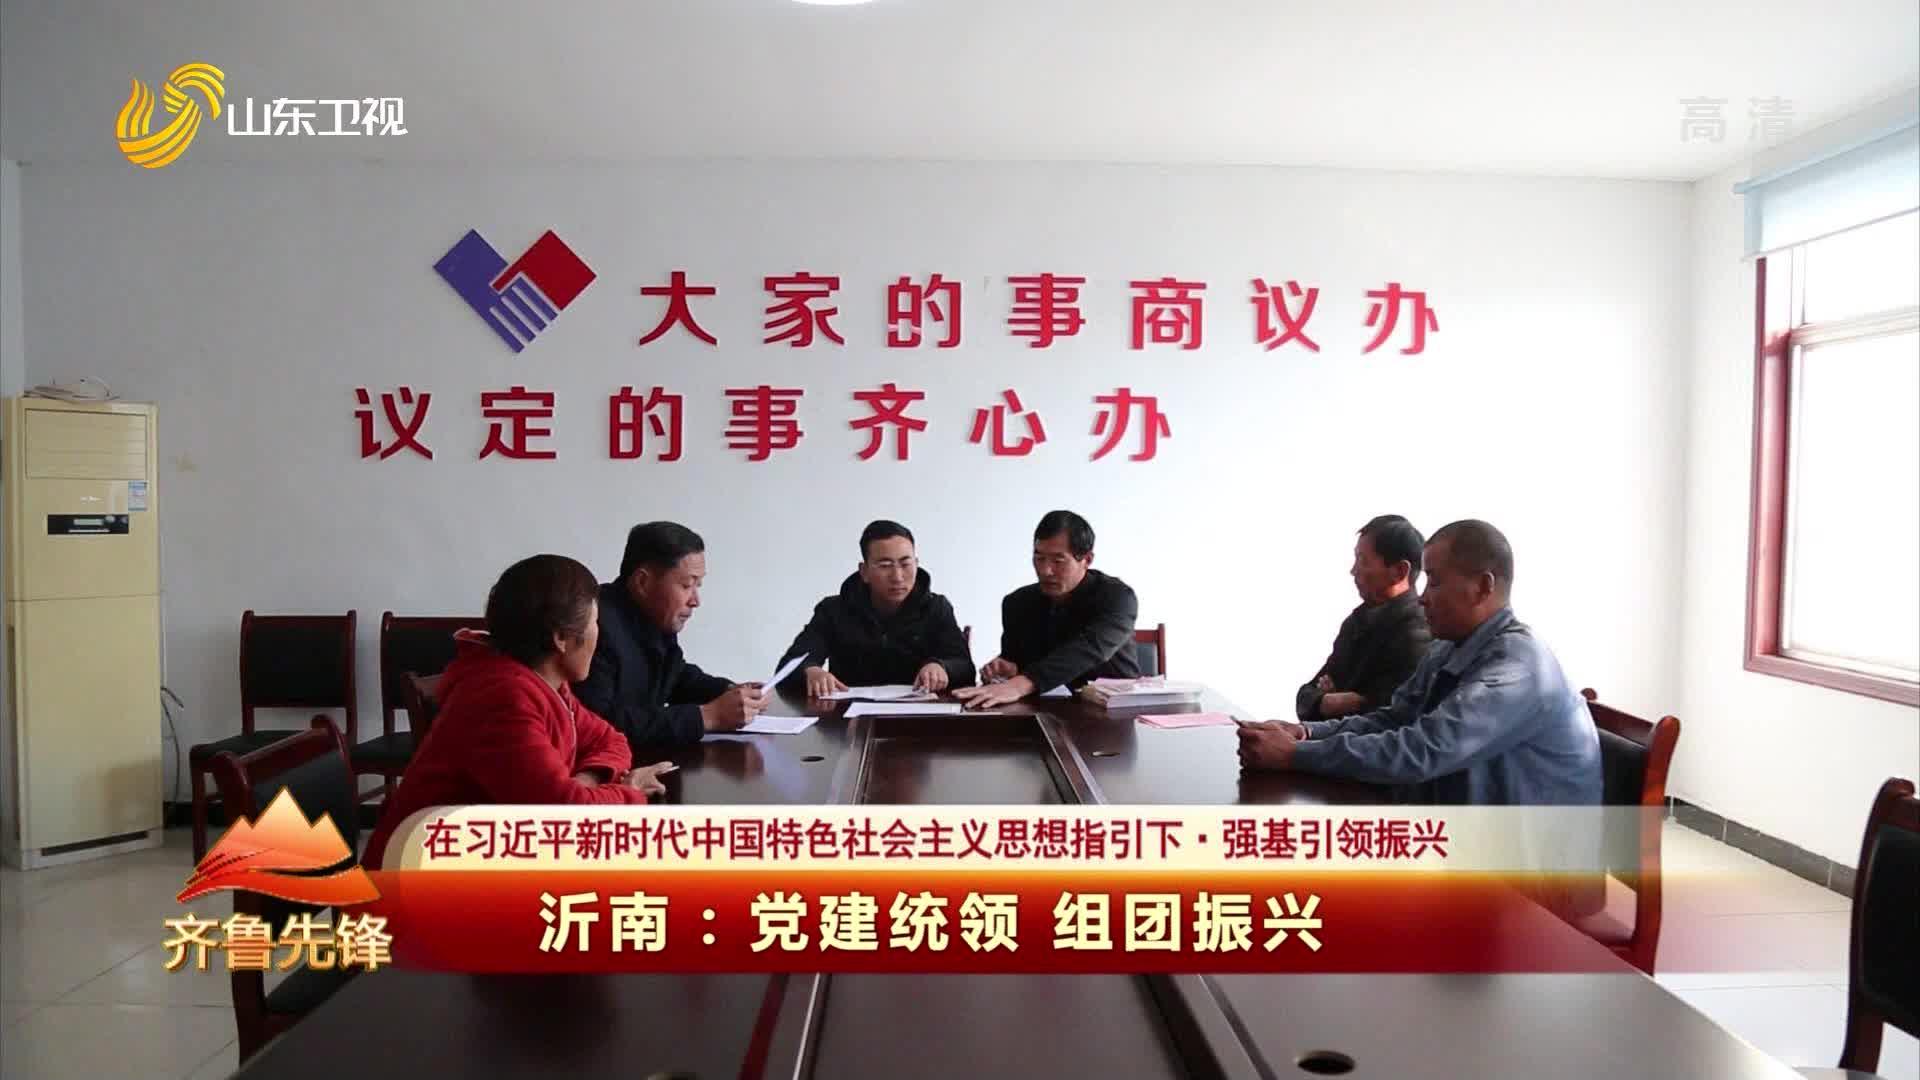 20210123《齐鲁先锋》:沂南——党建统领 组团振兴